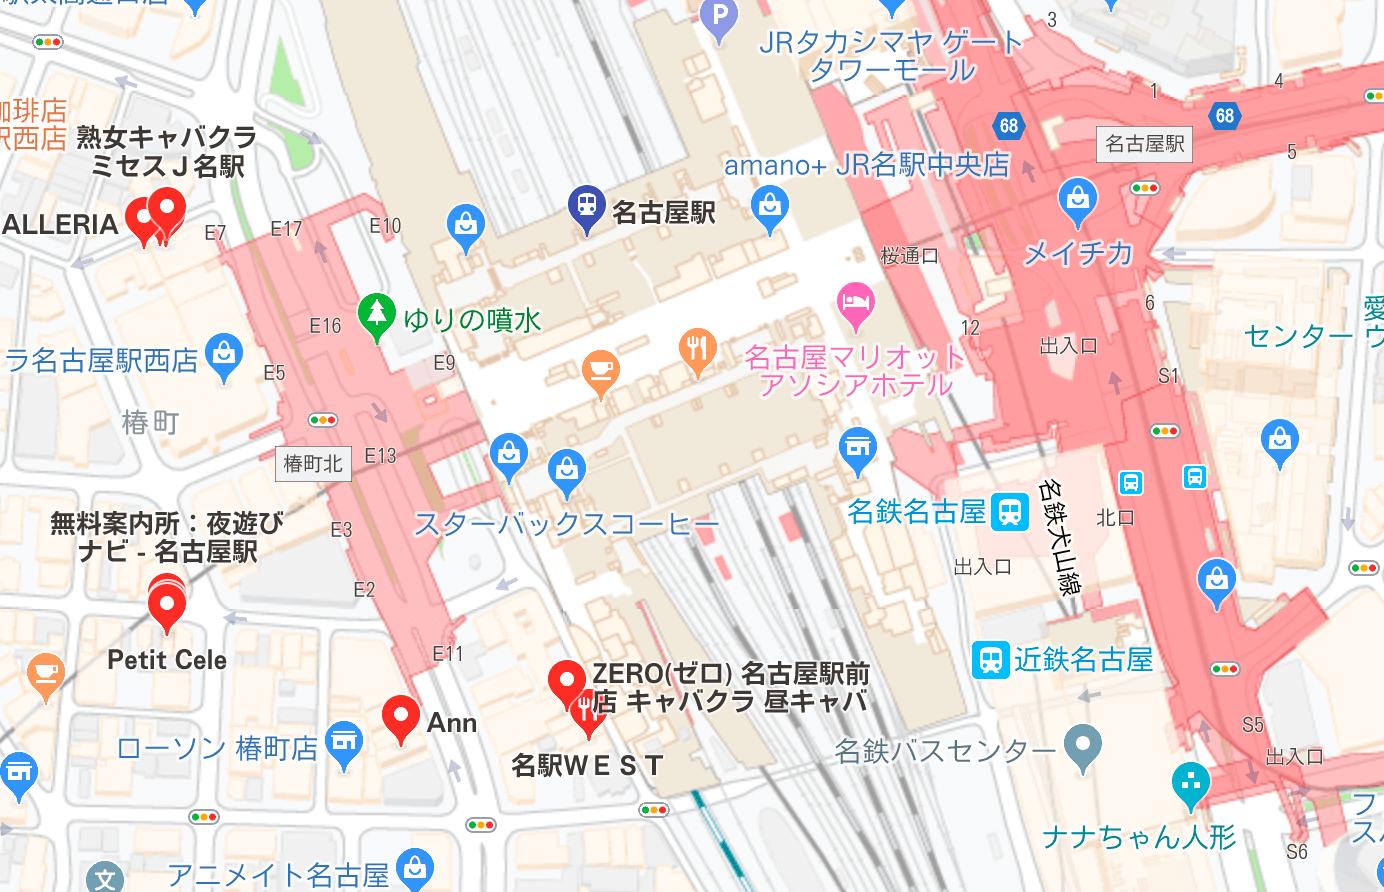 名古屋駅 キャバクラ